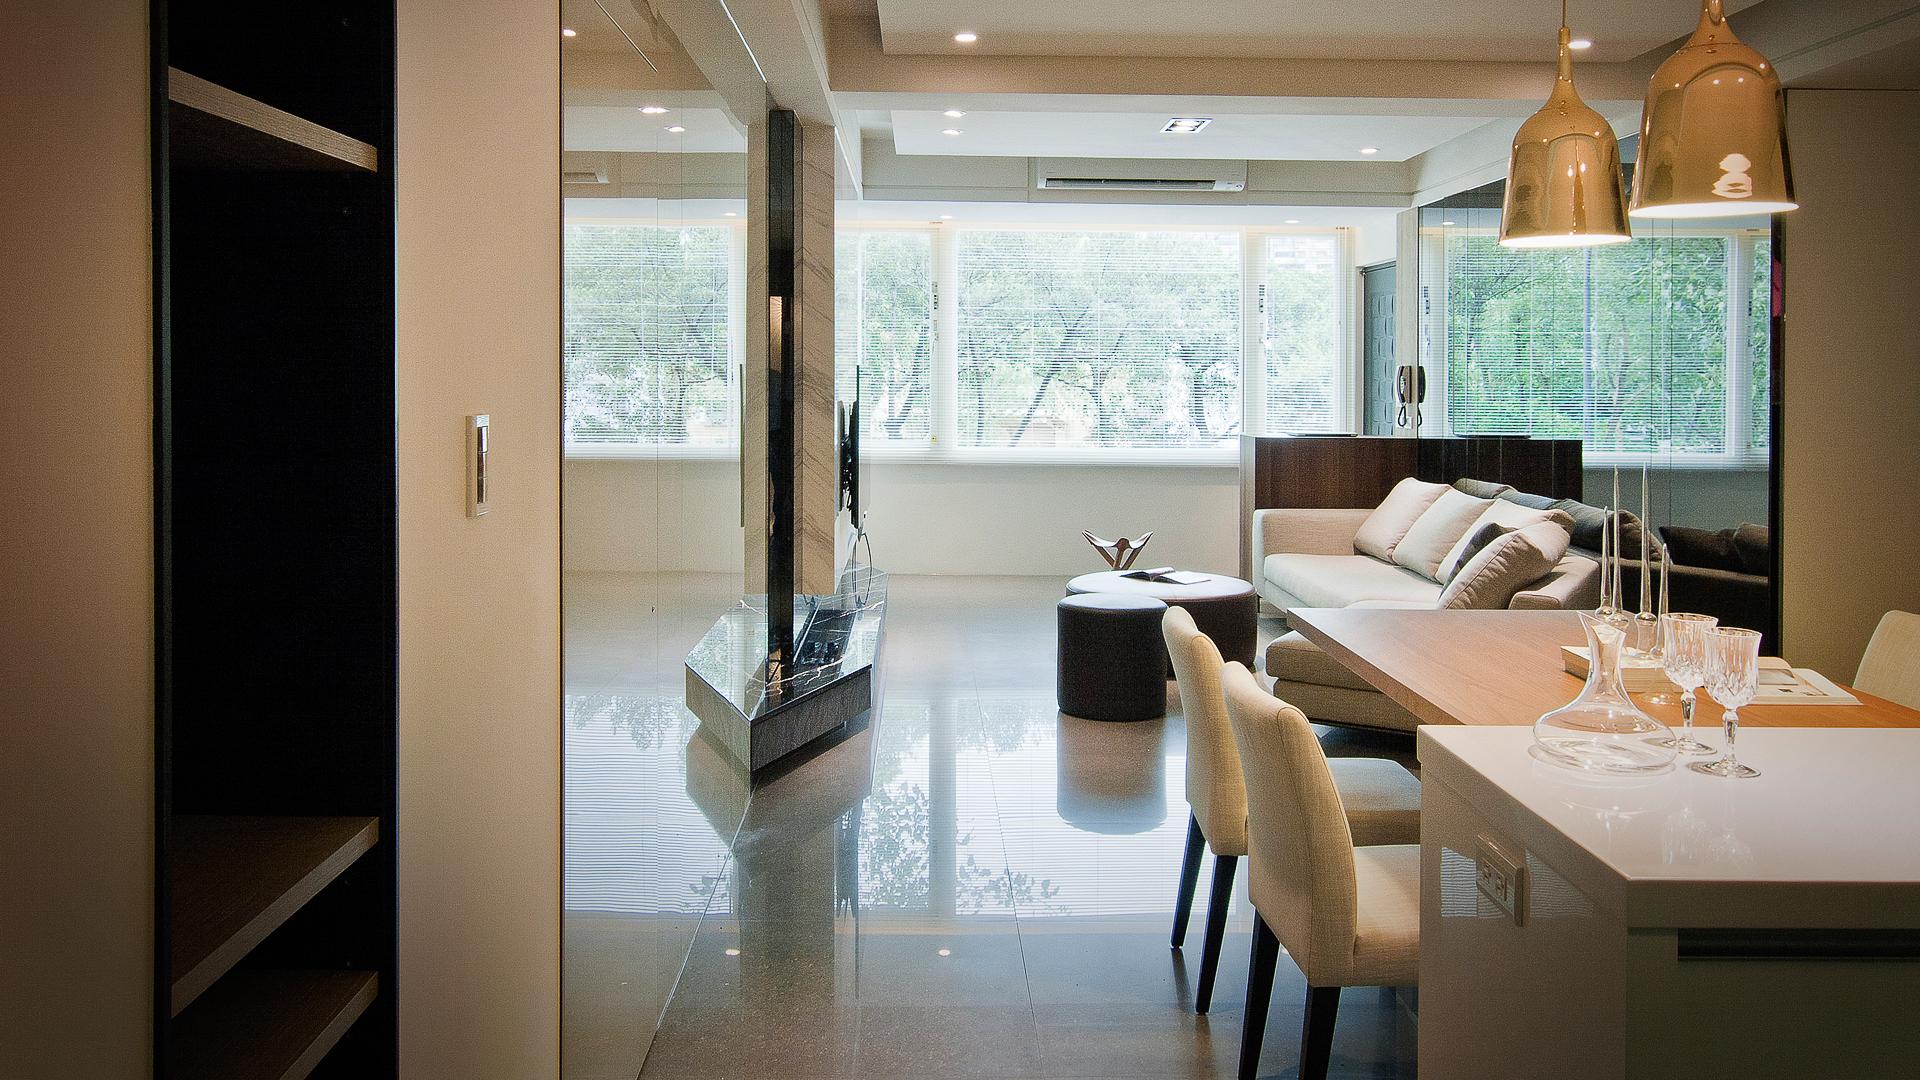 0015_室內設計師推薦風格自然人文風Jia style-6